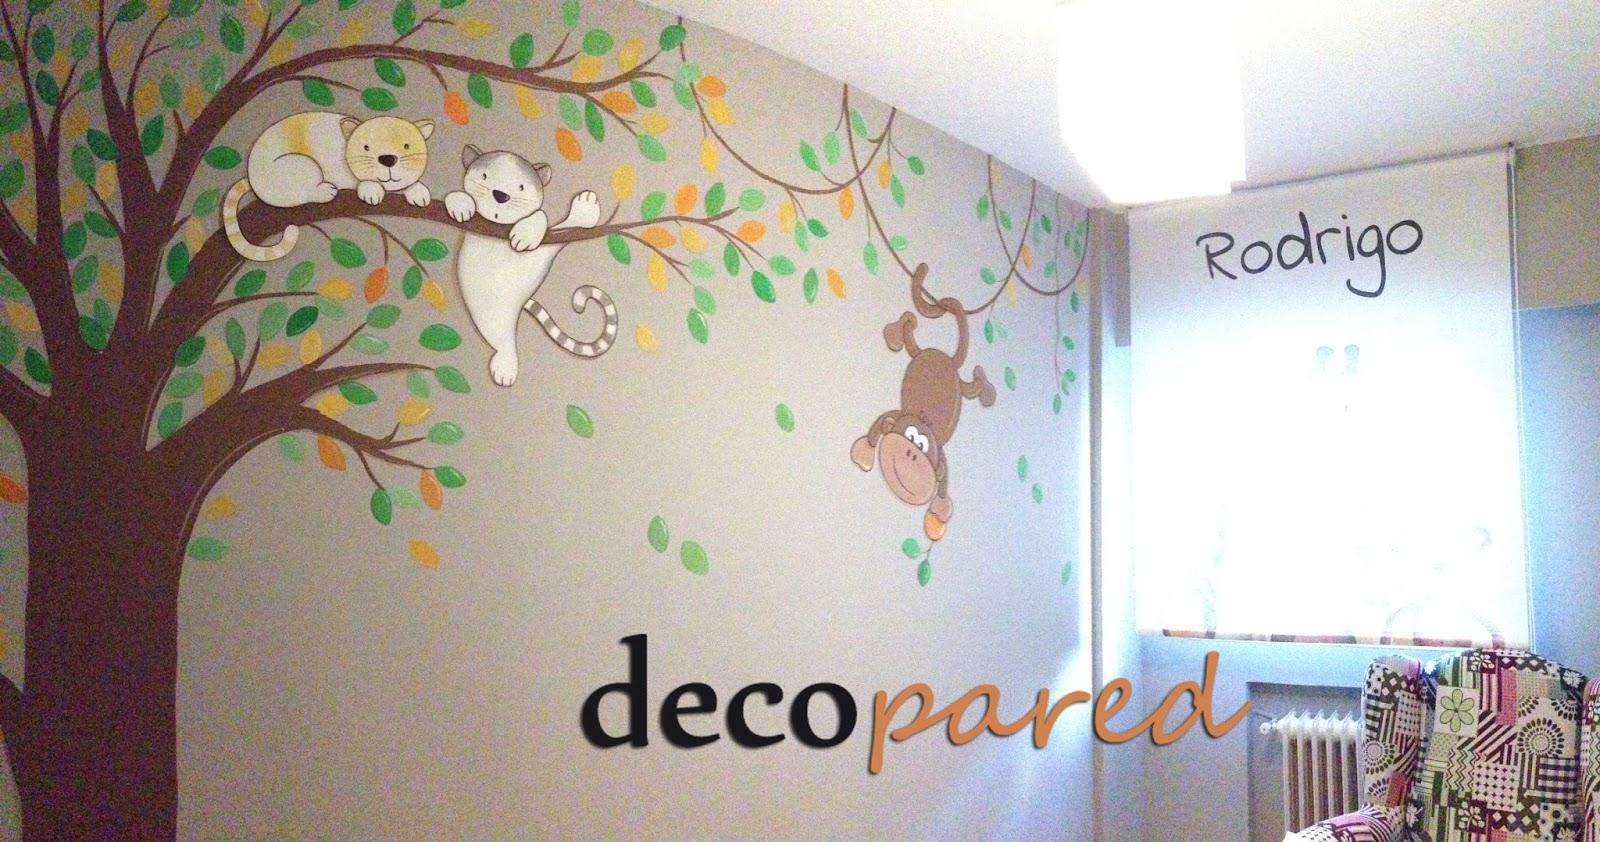 Decopared mural pintado arbol con animales - Decoracion en pared ...